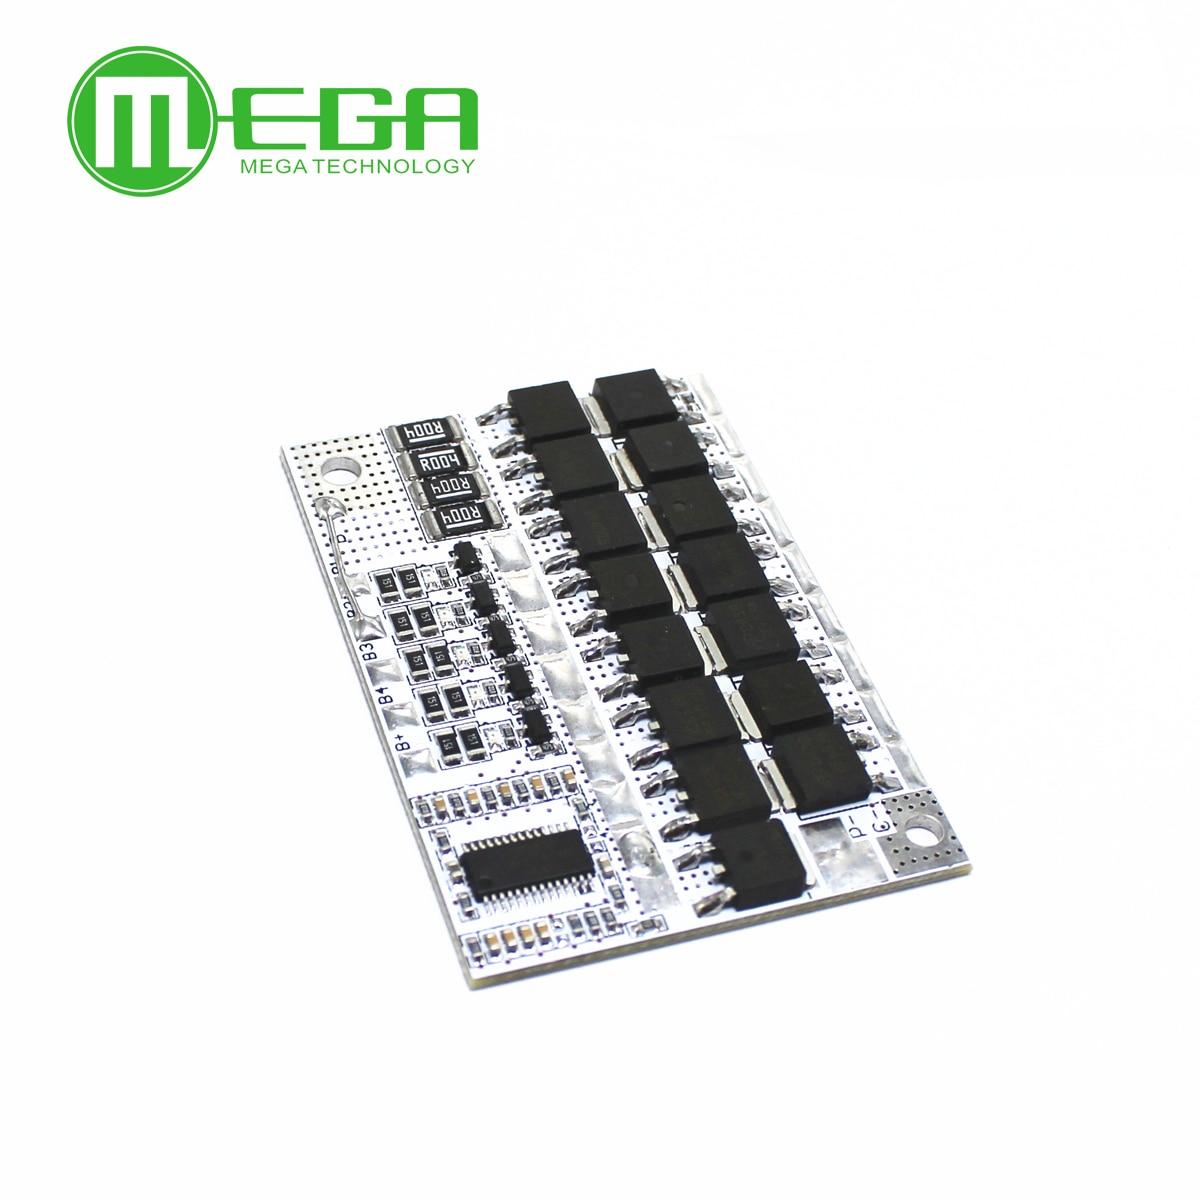 3S Φ 12V 16,8 V 21V 100A Защитная печатная плата для литий-ионной, литий-полимерной батареи, баланс зарядки, модуль платы управления